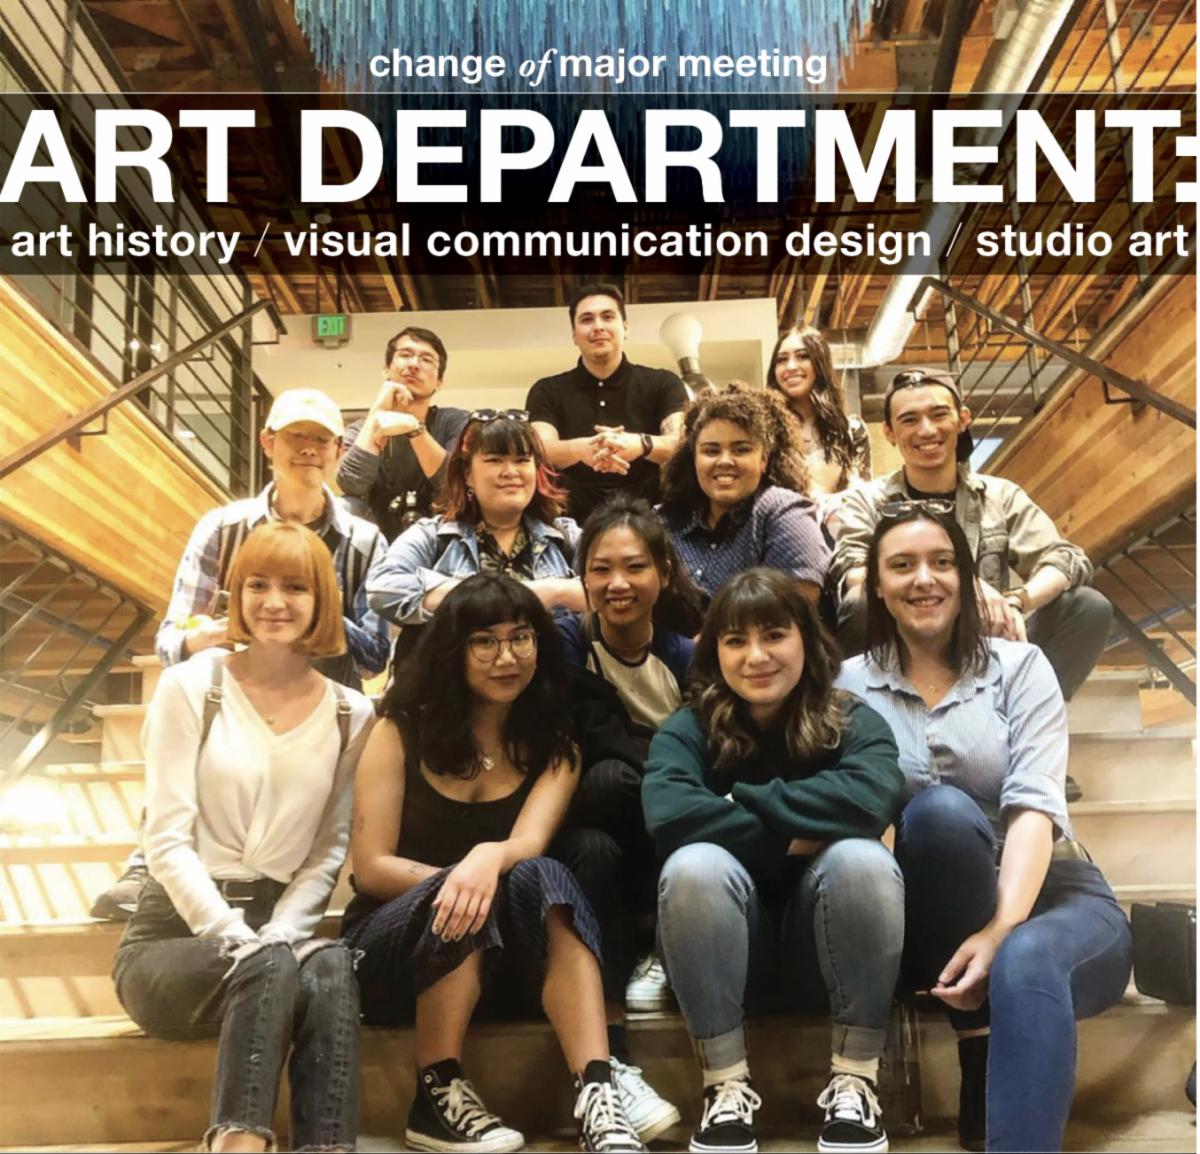 art department change of major 2021